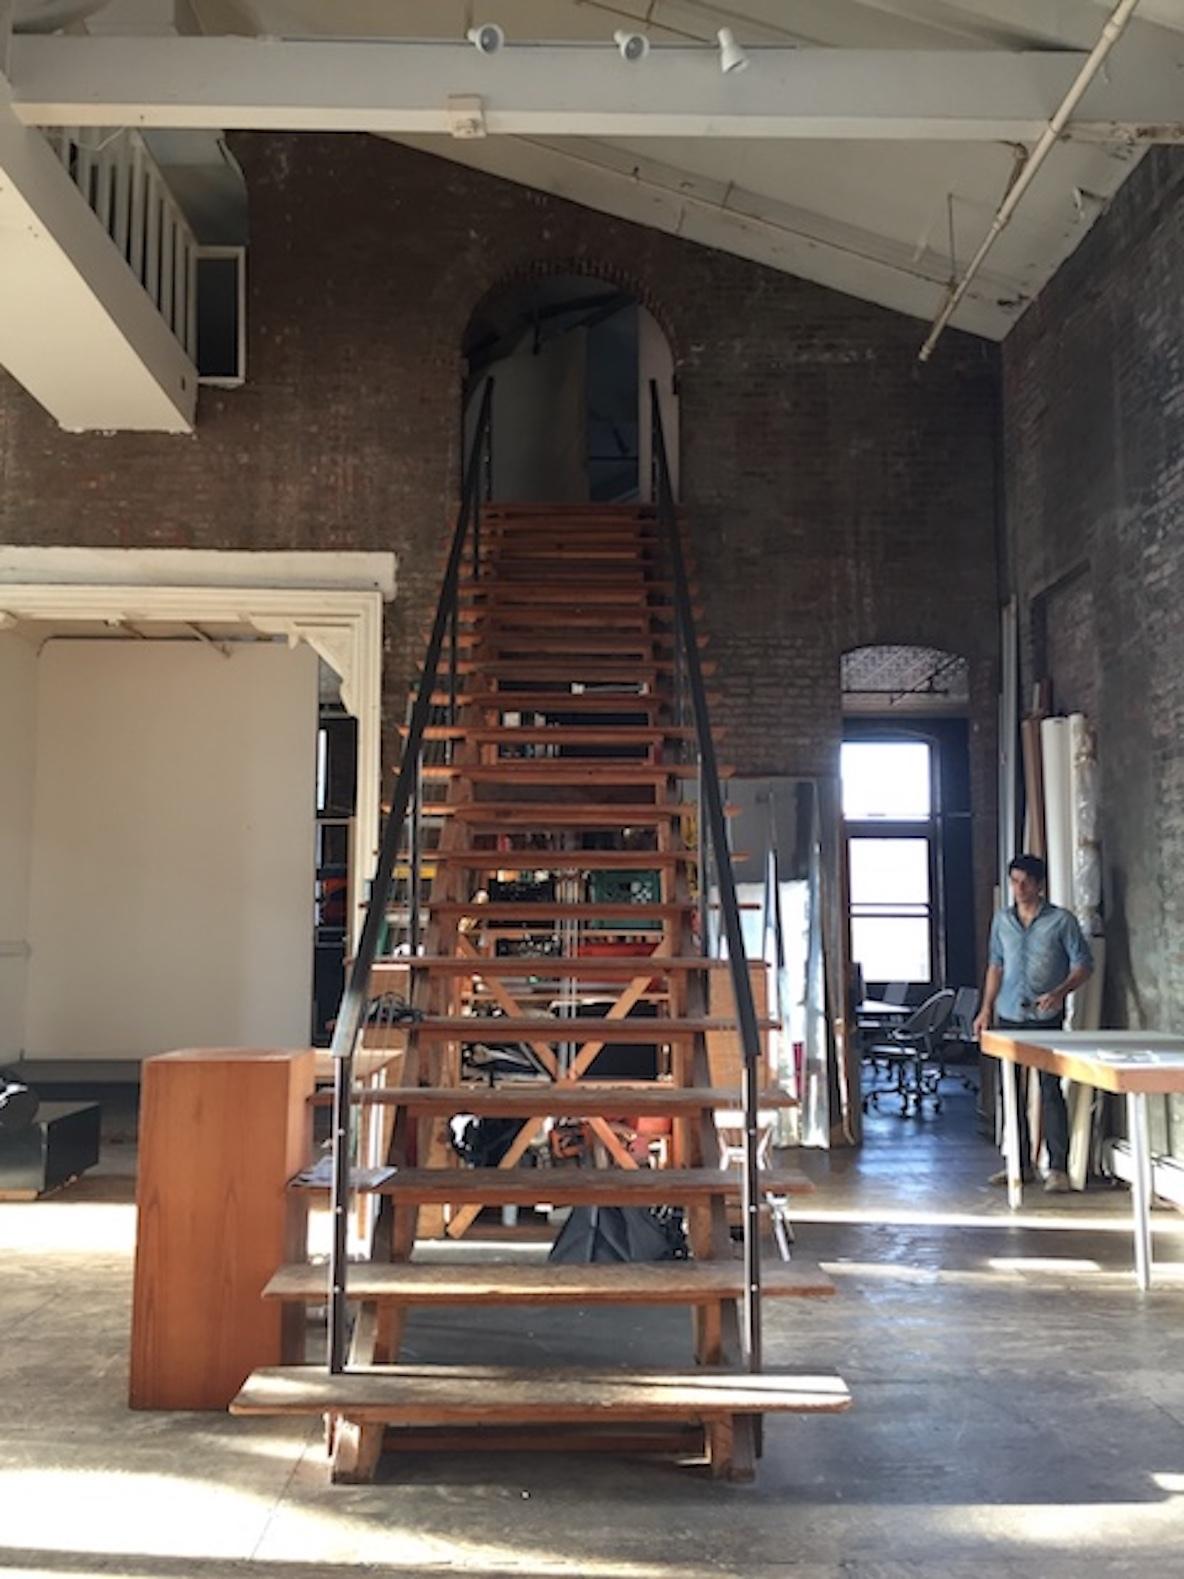 11人のアーティストが暮らす、ニューヨーク・ブルックリンのレトロなアパートメントにある大階段